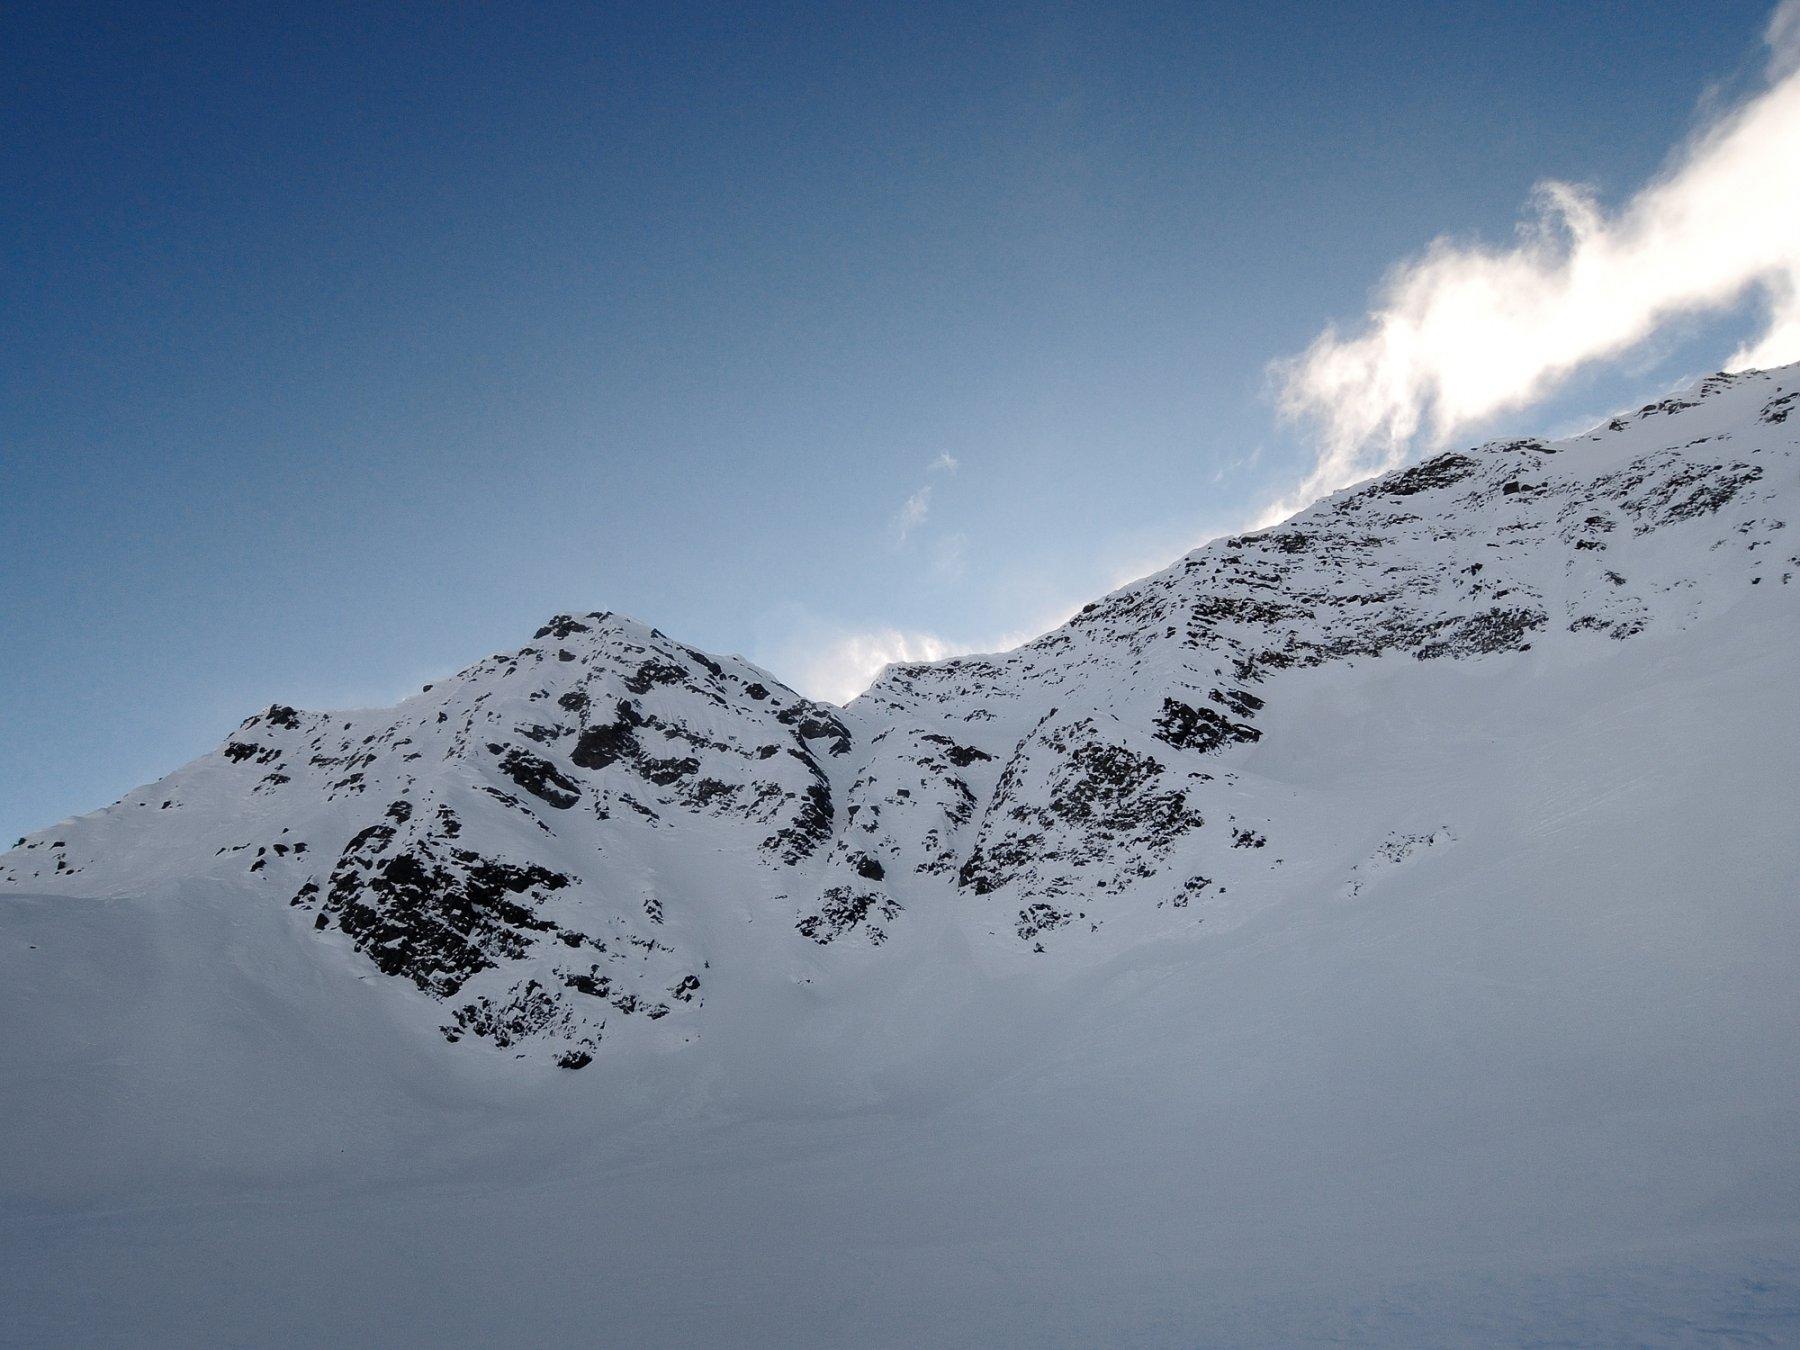 La cima con il vento che ci attende in cresta